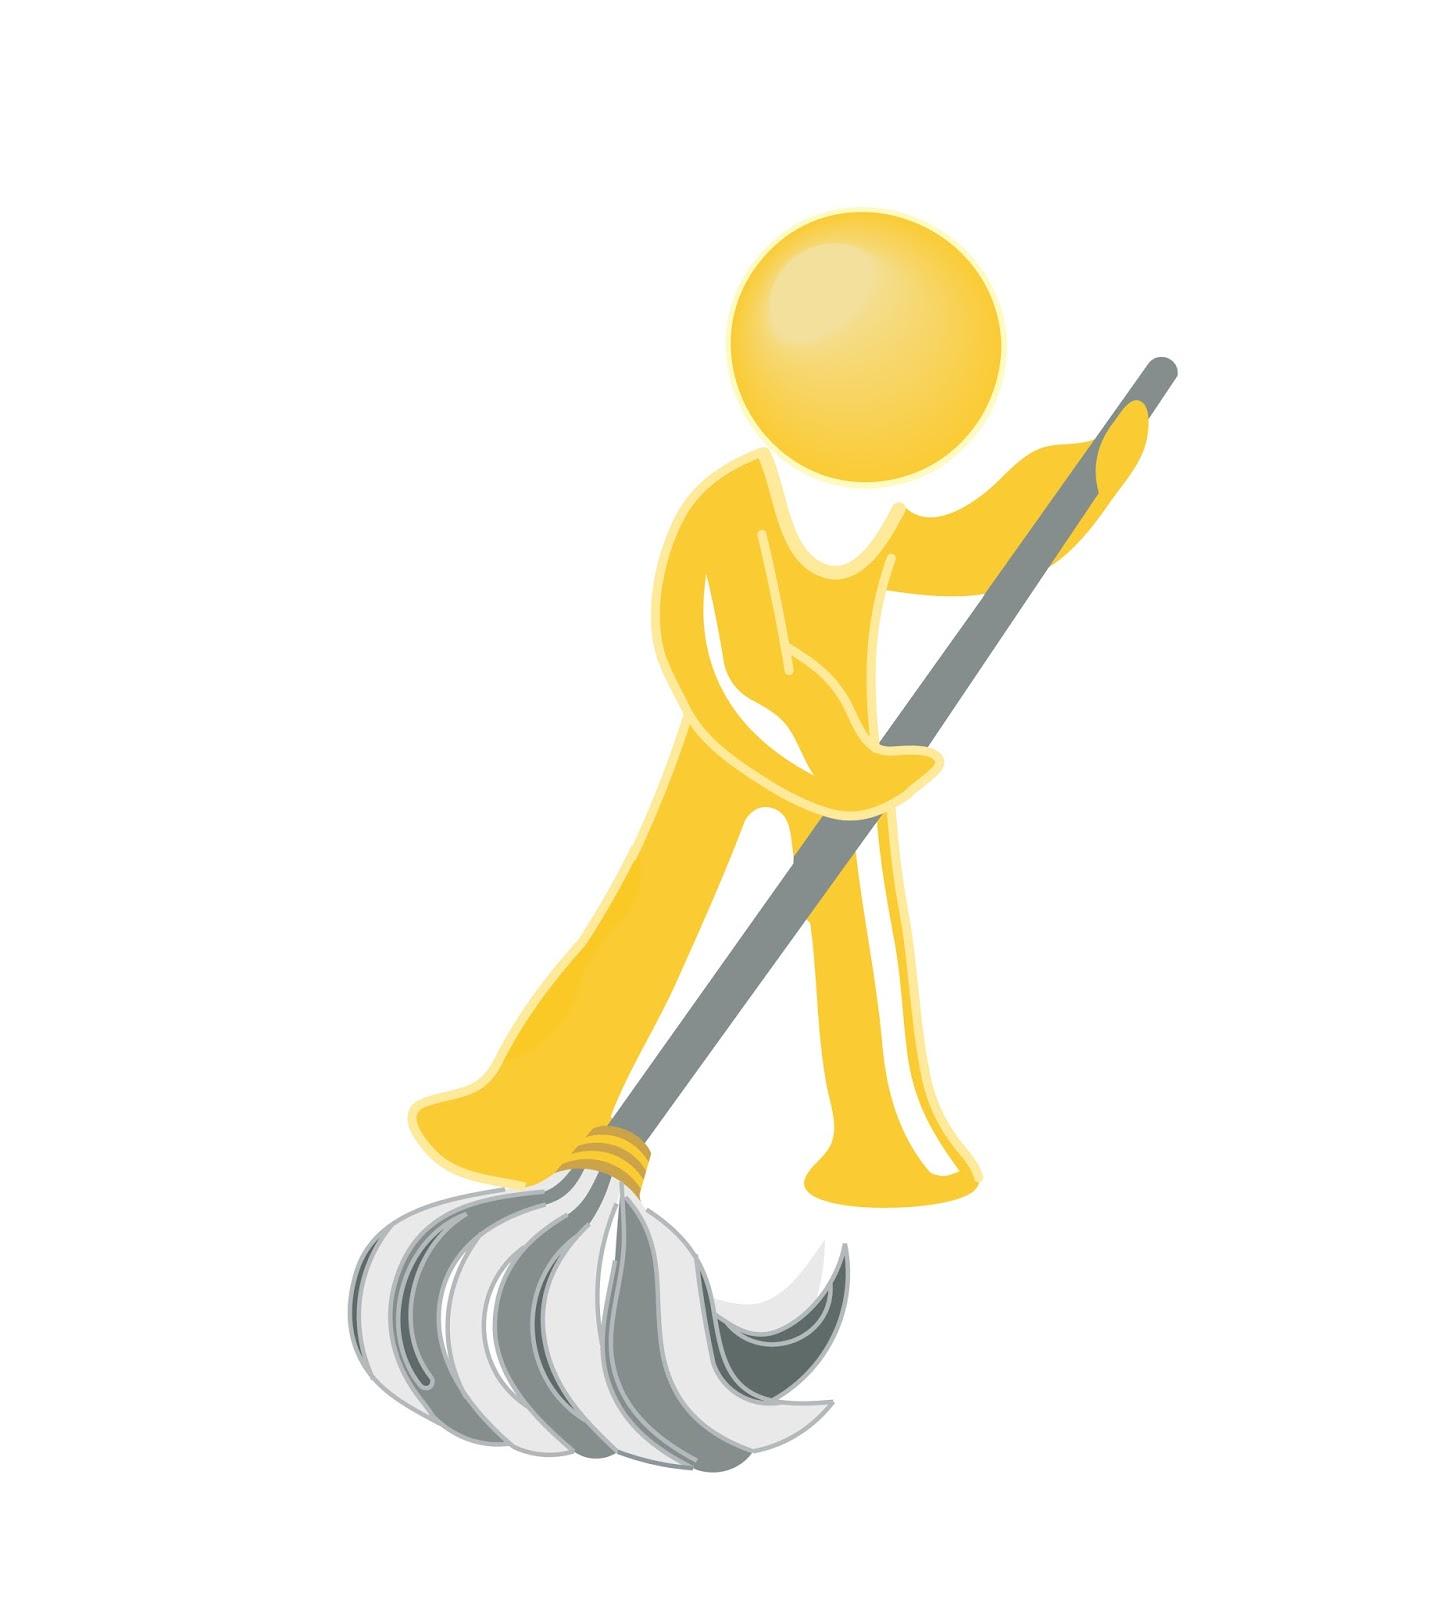 El d a de hoy haz limpieza dienutdienut for Empleo limpieza oficinas